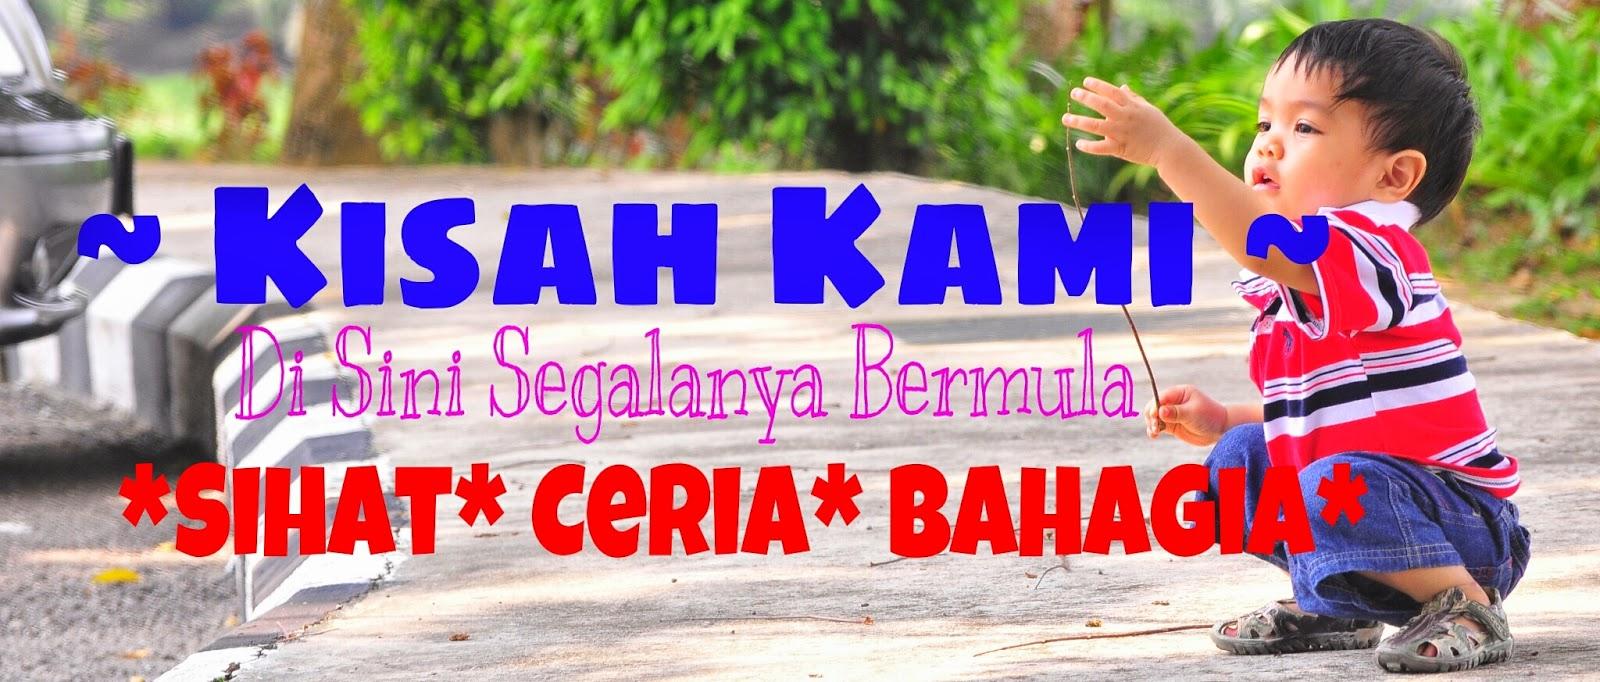 http://raikankasih.blogspot.com